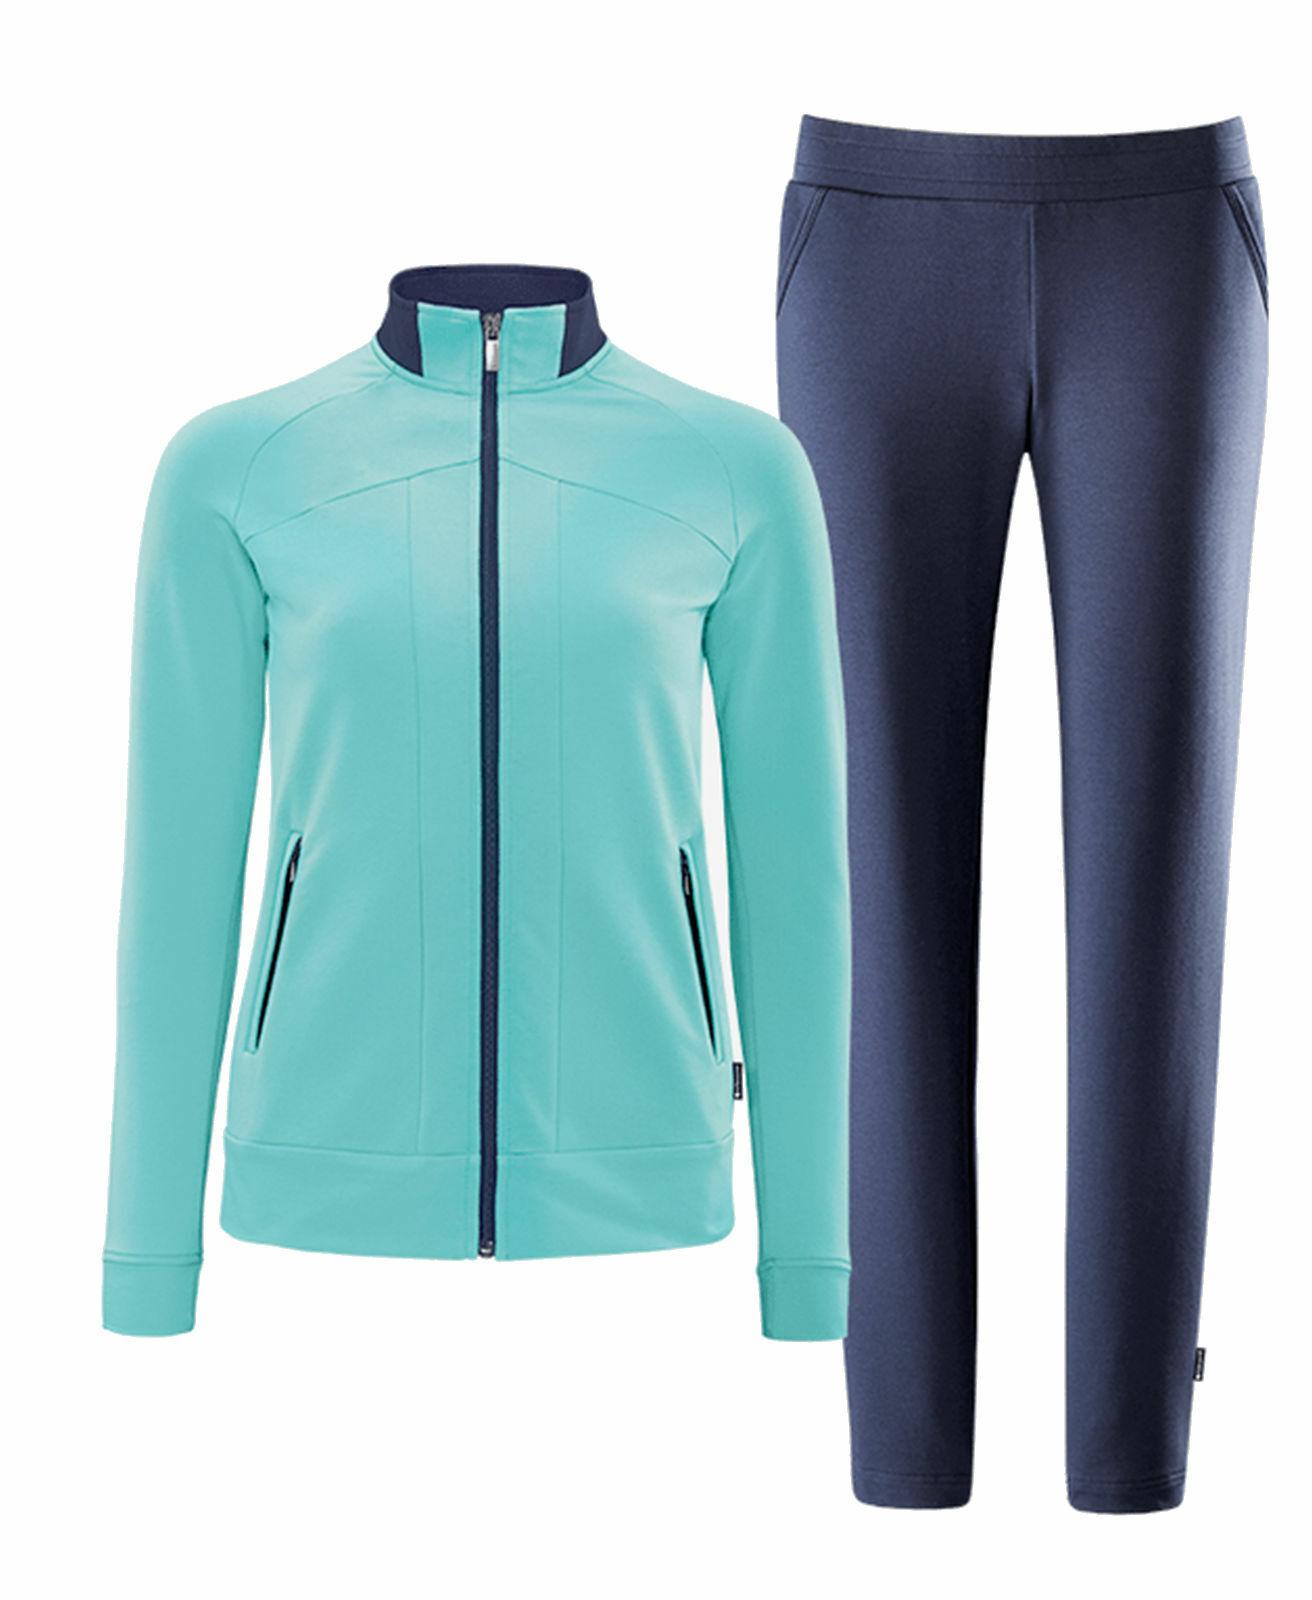 Schneider sportwear Donna Tuta tuttienauominito Sport Tempo Libero Deenaw verde Blu